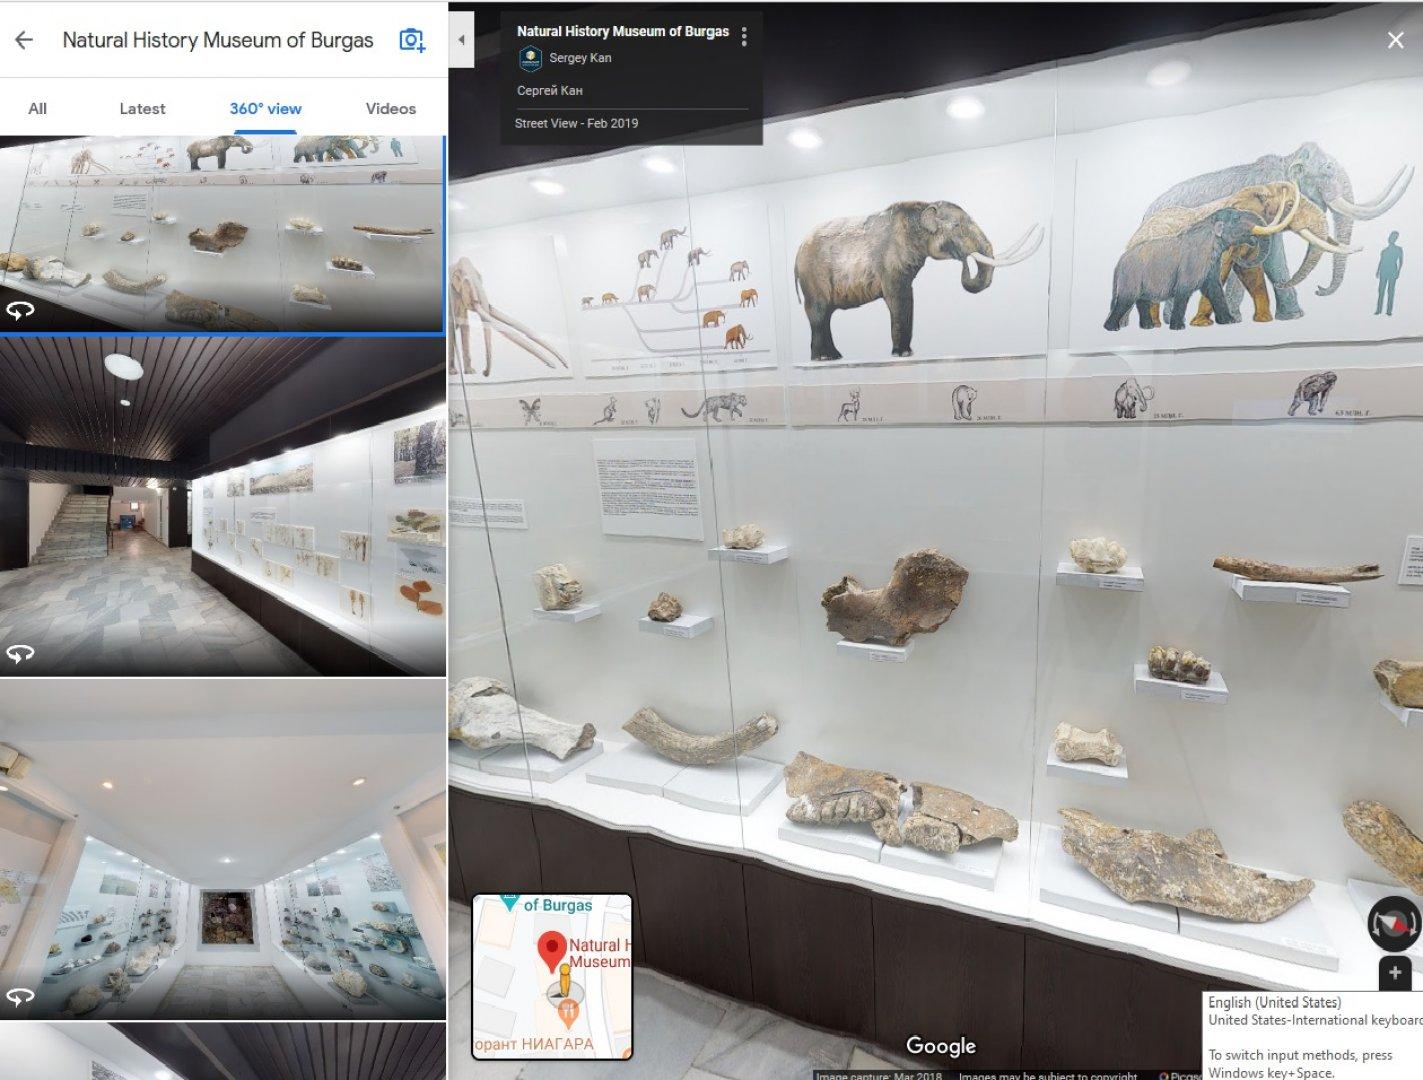 Всеки може да направи виртуална и безплатна разходка из музея